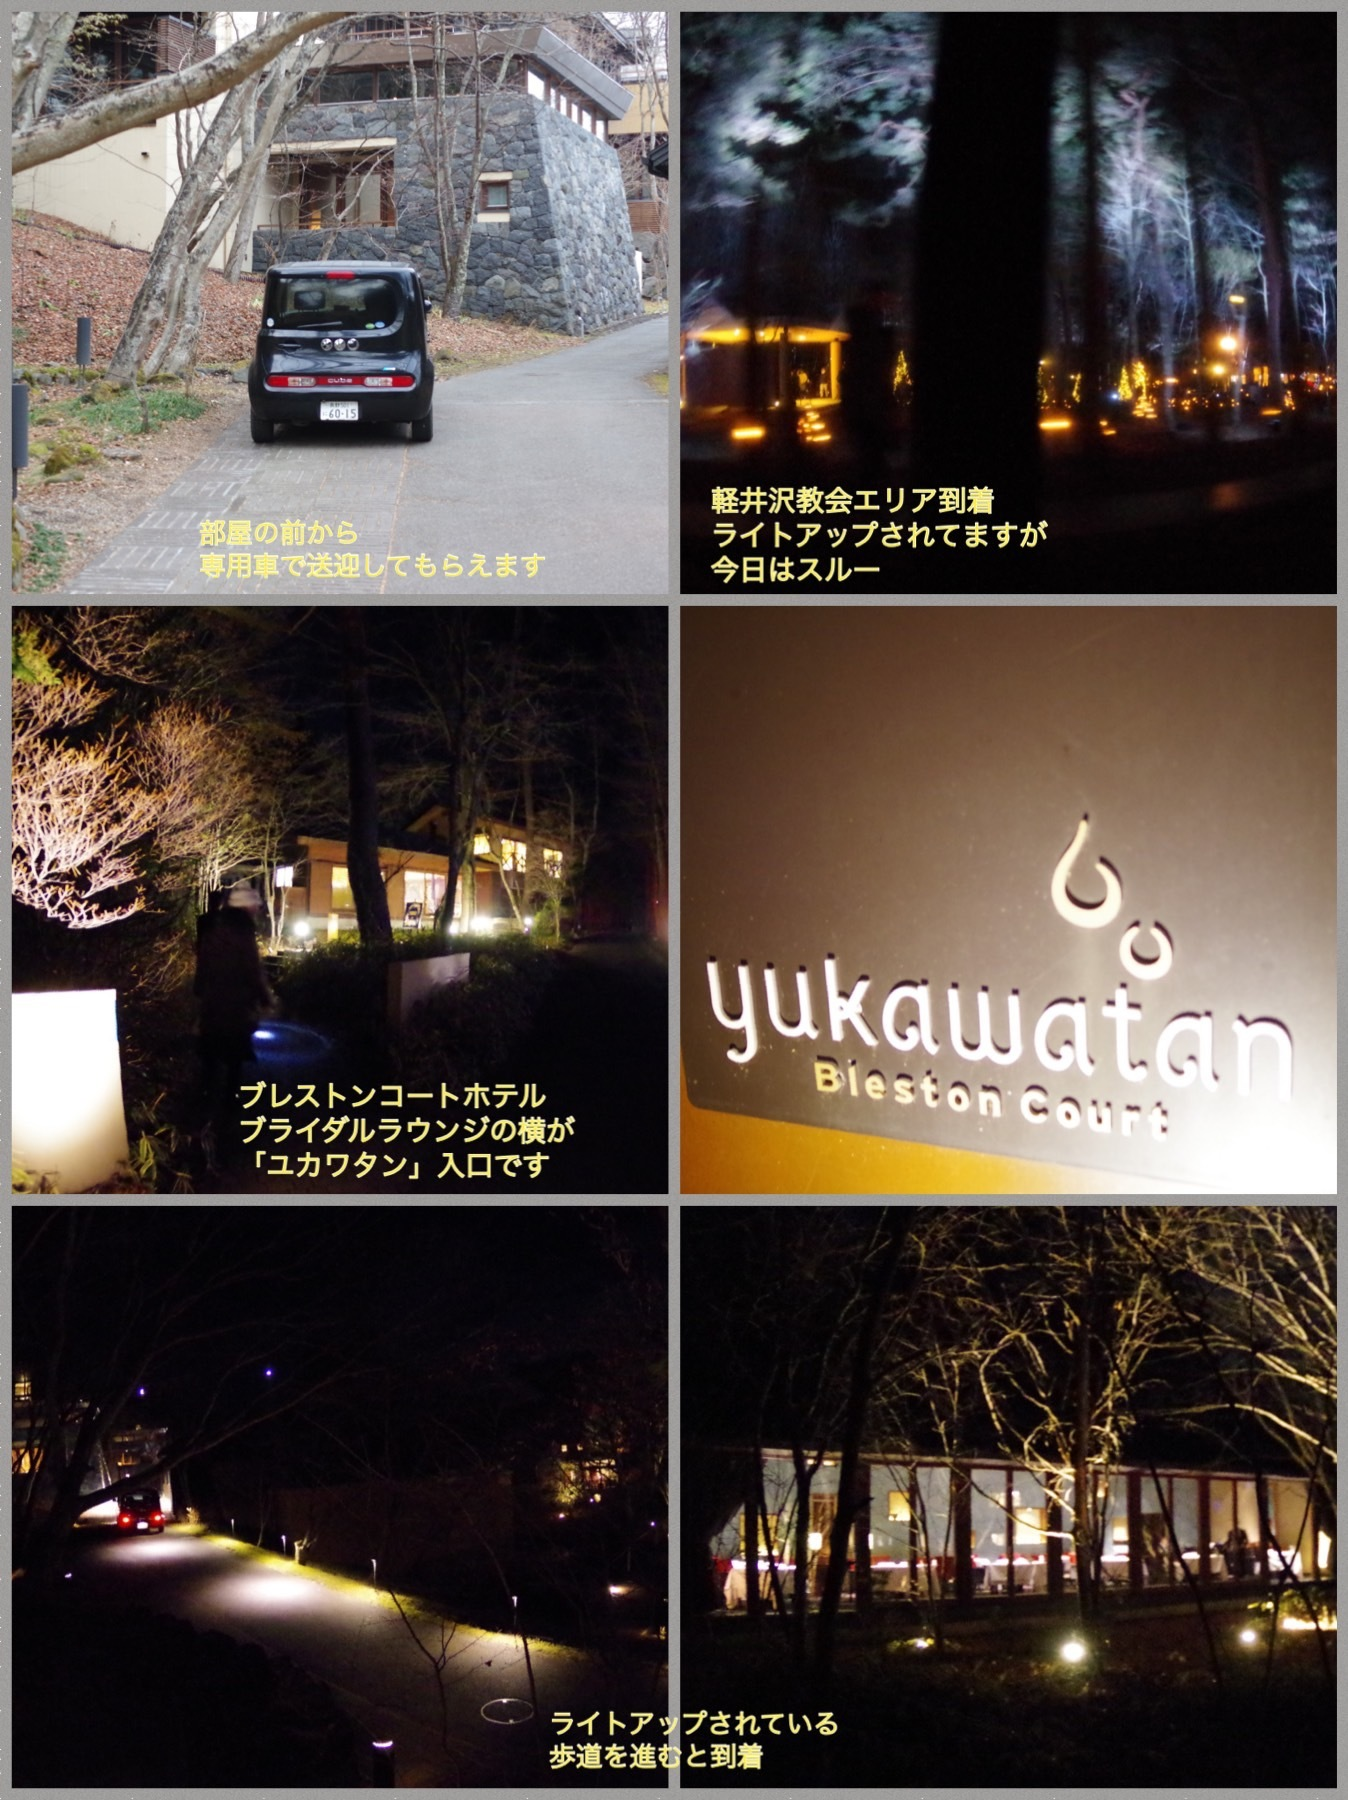 星のや軽井沢 ホテルブレストンコート ユカワタン2019クリスマスメニュー